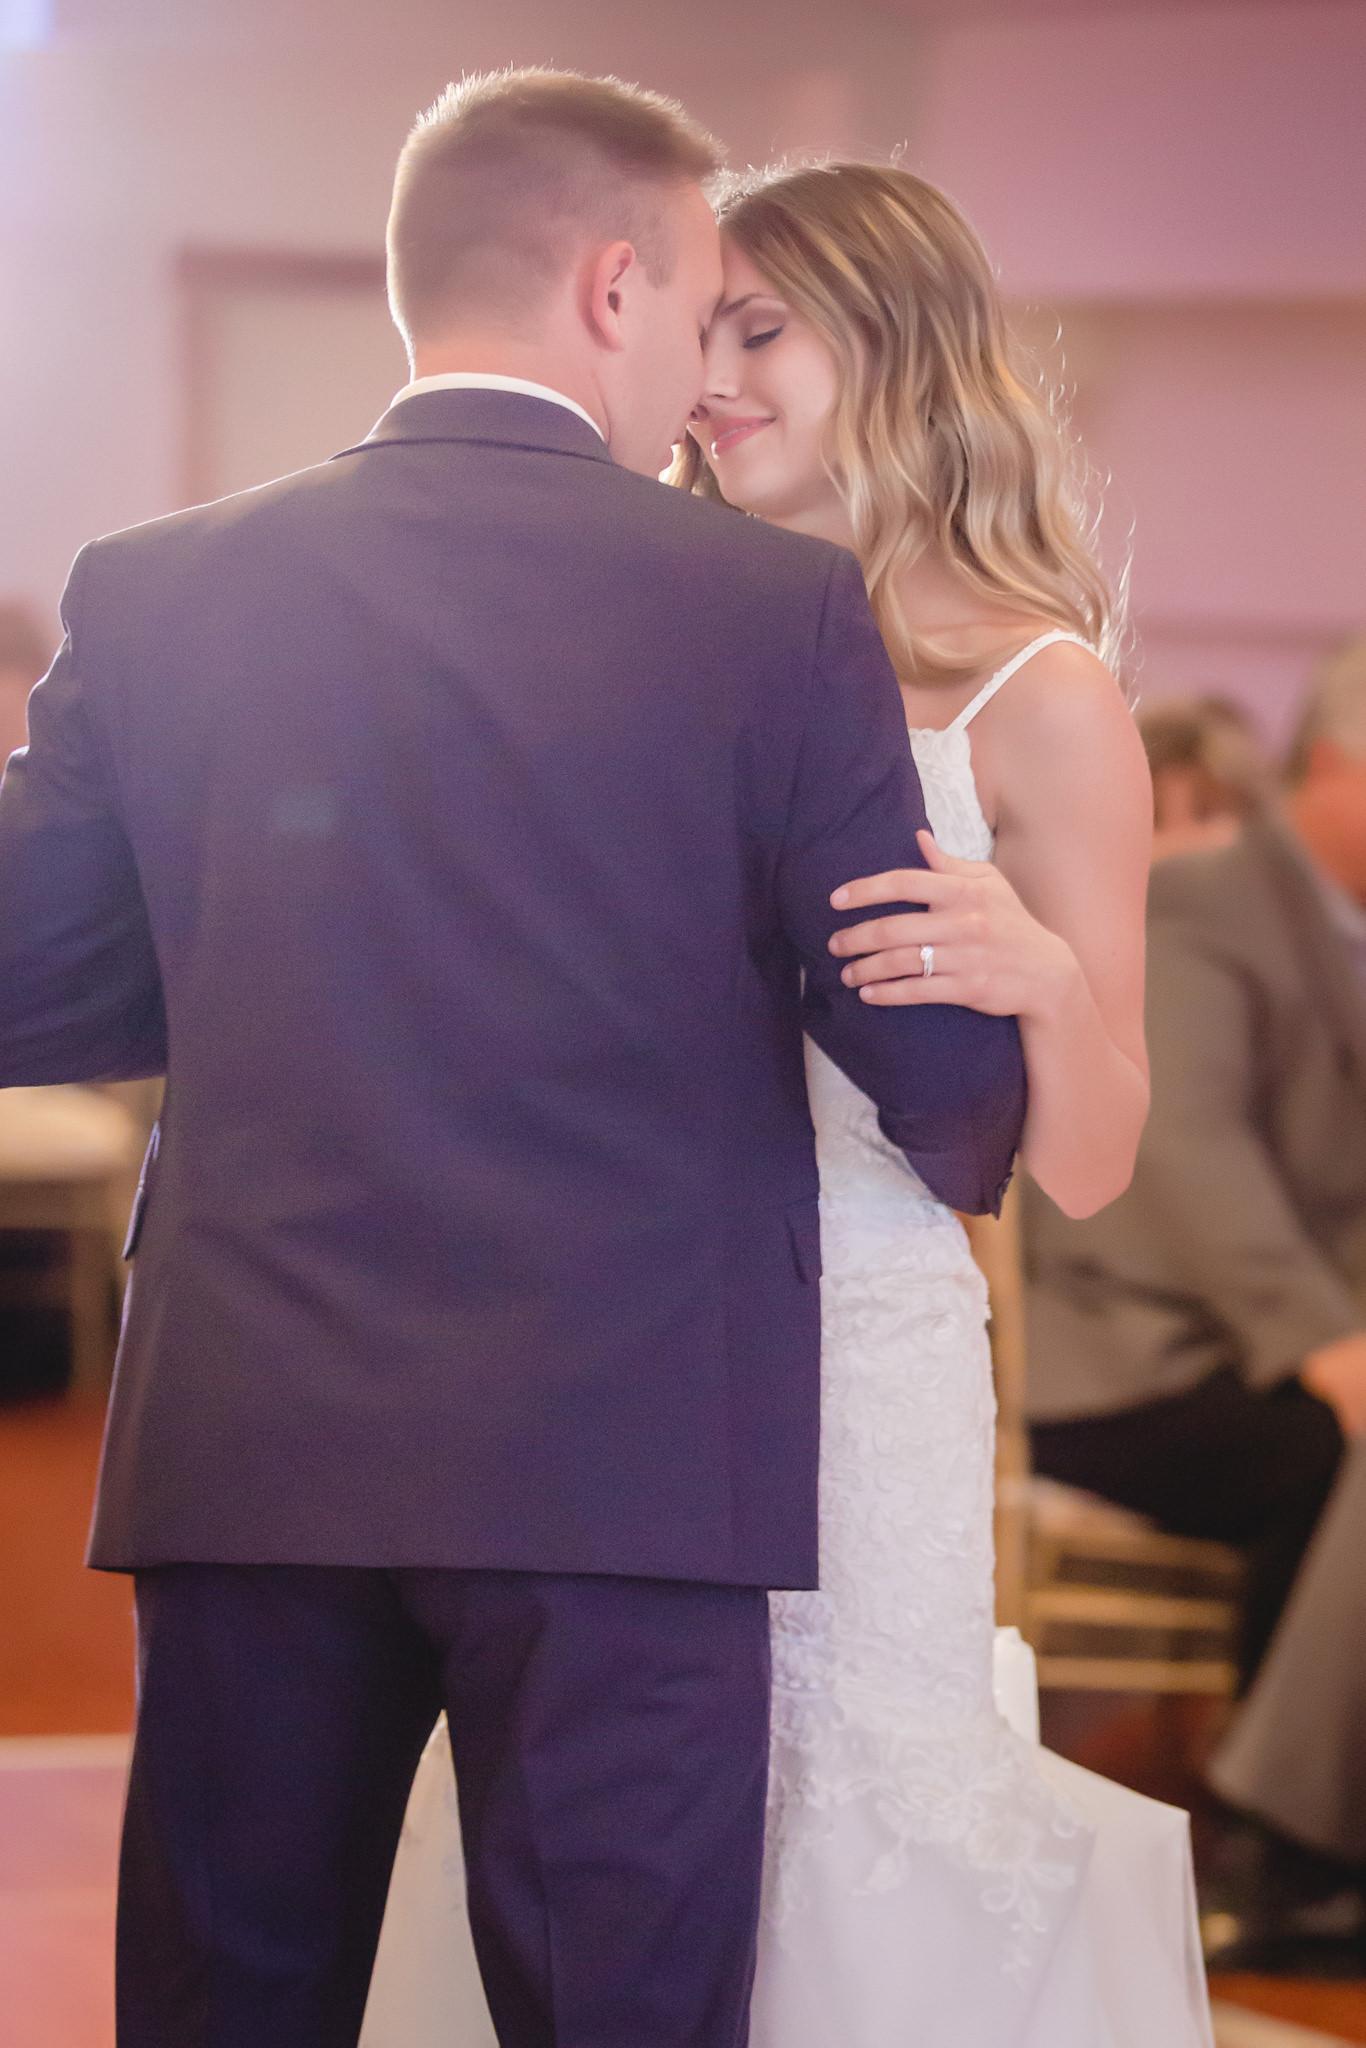 First dance at a Hidden Valley Resort wedding reception